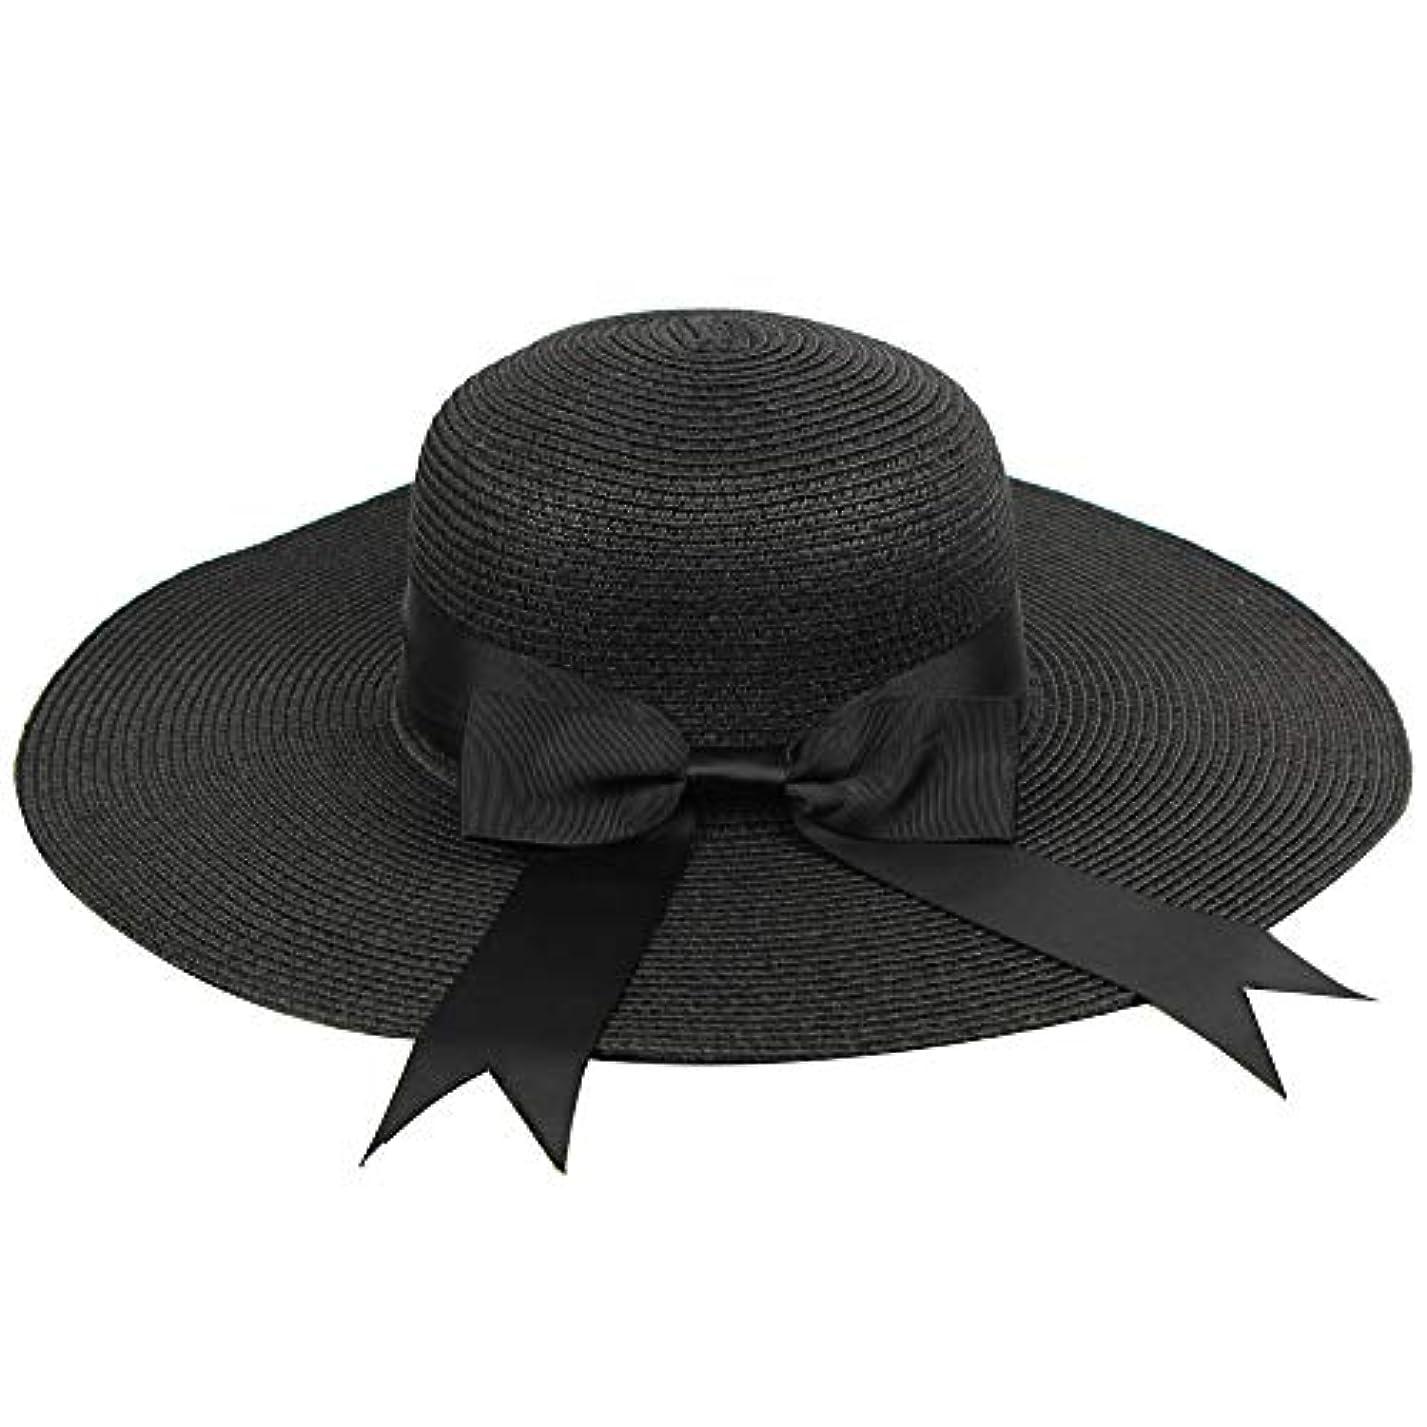 群集ペンダント真珠のようなUVカット 帽子 ハット レディース 紫外線対策 日焼け防止 軽量 熱中症予防 取り外すあご紐 つば広 おしゃれ 広幅 小顔効果抜群 折りたたみ サイズ調節可 旅行 調節テープ 吸汗通気 紫外線対策 ROSE ROMAN